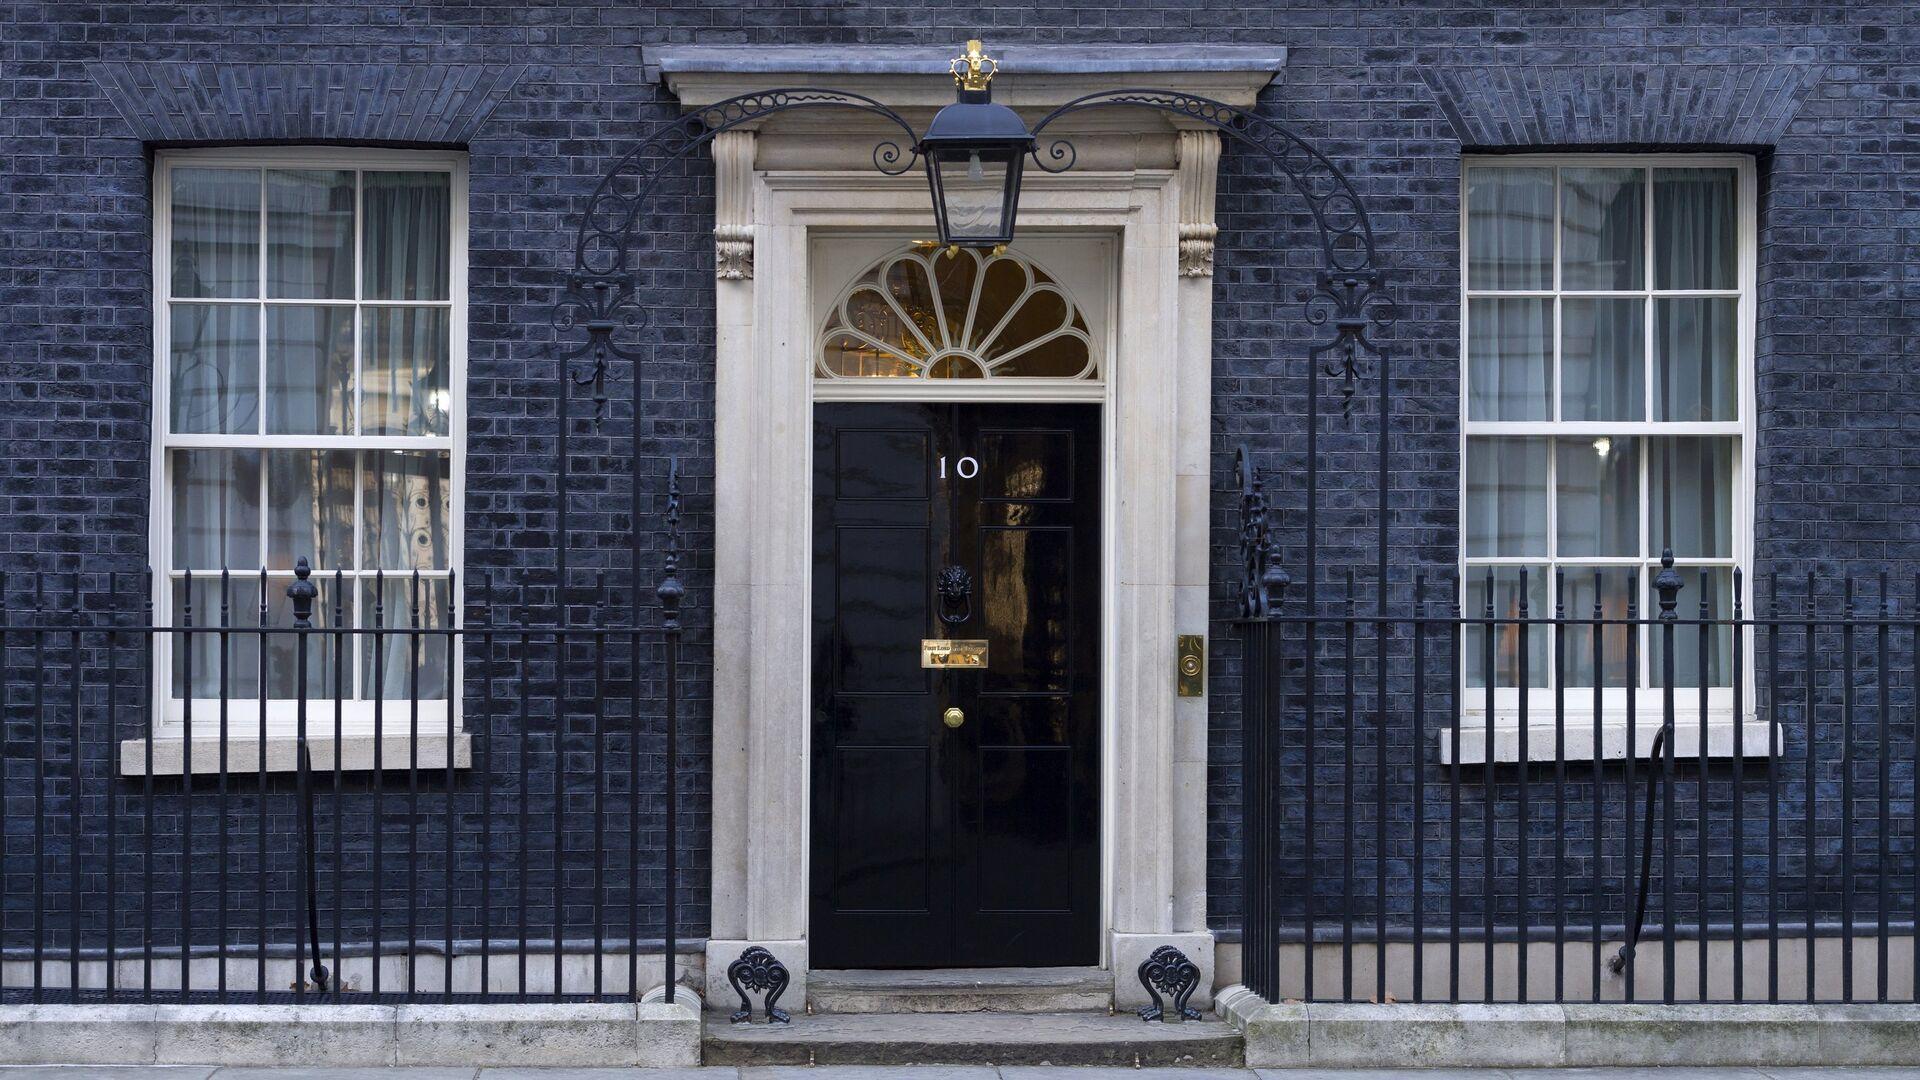 10 Даунинг-стрит официальная резиденция и офис премьер-министра Великобритании в Лондоне  - РИА Новости, 1920, 11.10.2021